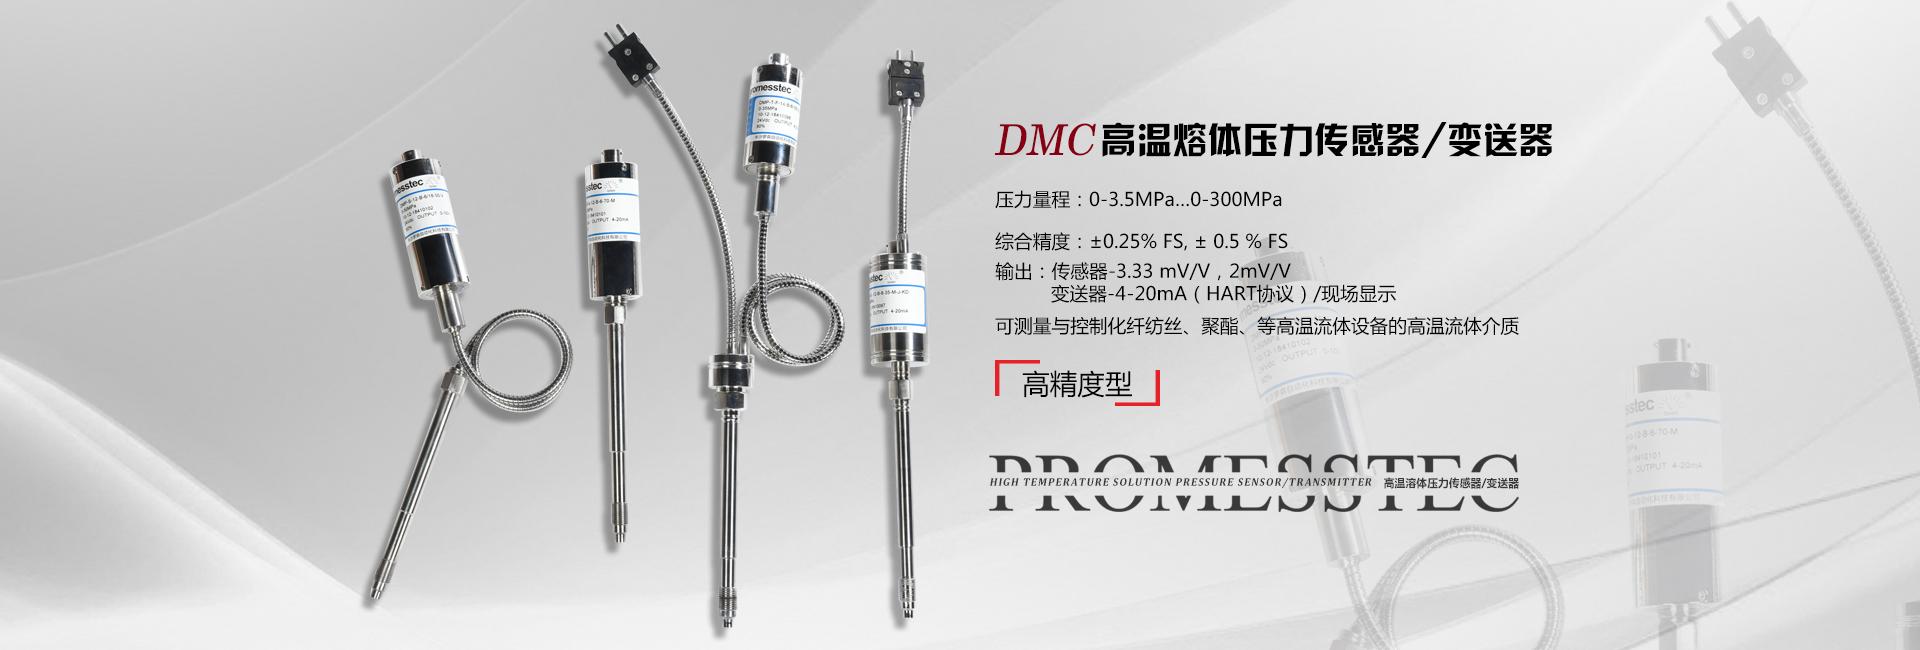 高温熔体压力变送器/传感器